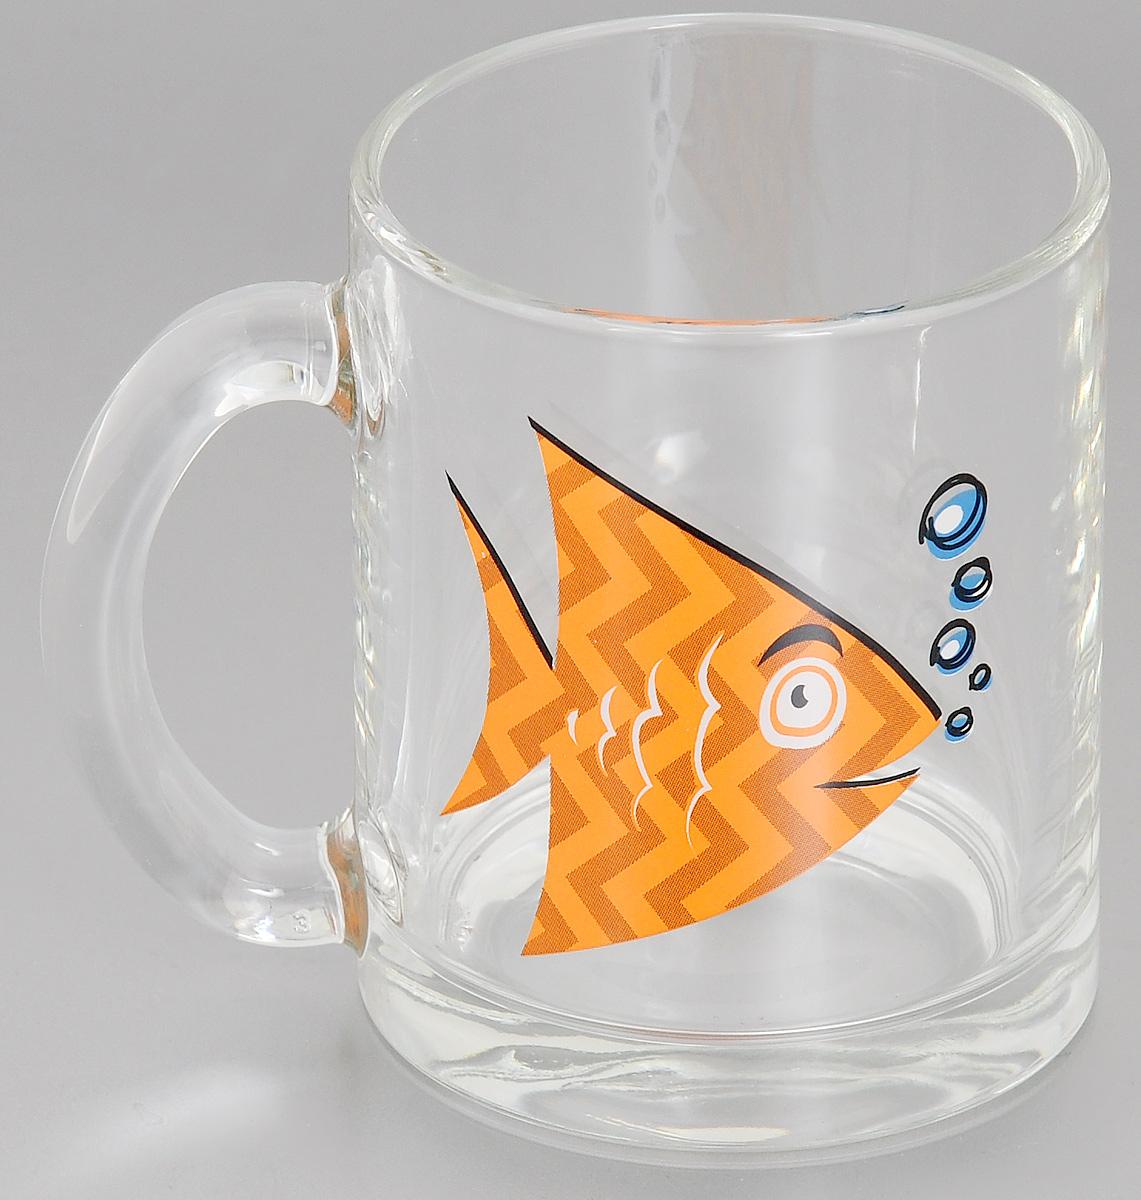 Кружка OSZ Рыбки, цвет: прозрачный, оранжевый, 320 мл04С1208 ДЗ РЫБКИ_прозрачный, оранжевыйКружка OSZ Рыбки изготовлена из стекла и украшена ярким рисунком. Изделие оснащено удобной ручкой и сочетает в себе лаконичный дизайн и функциональность. Кружка OSZ Рыбки не только украсит ваш кухонный стол, но и подчеркнет прекрасный вкус хозяйки. Диаметр кружки (по верхнему краю): 7,7 см.